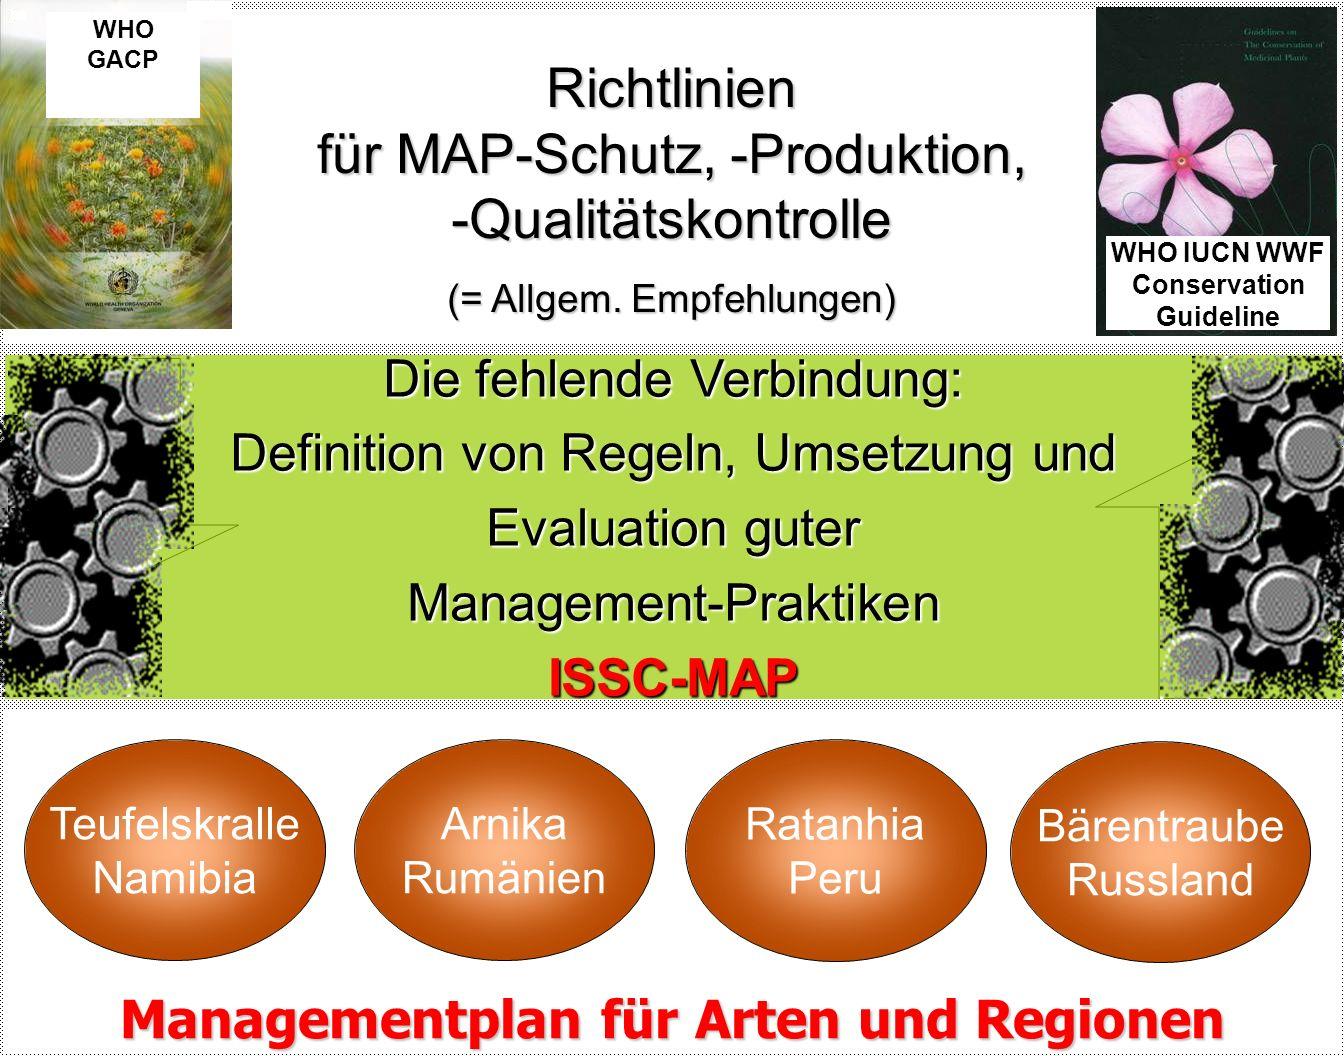 Managementplan für Arten und Regionen